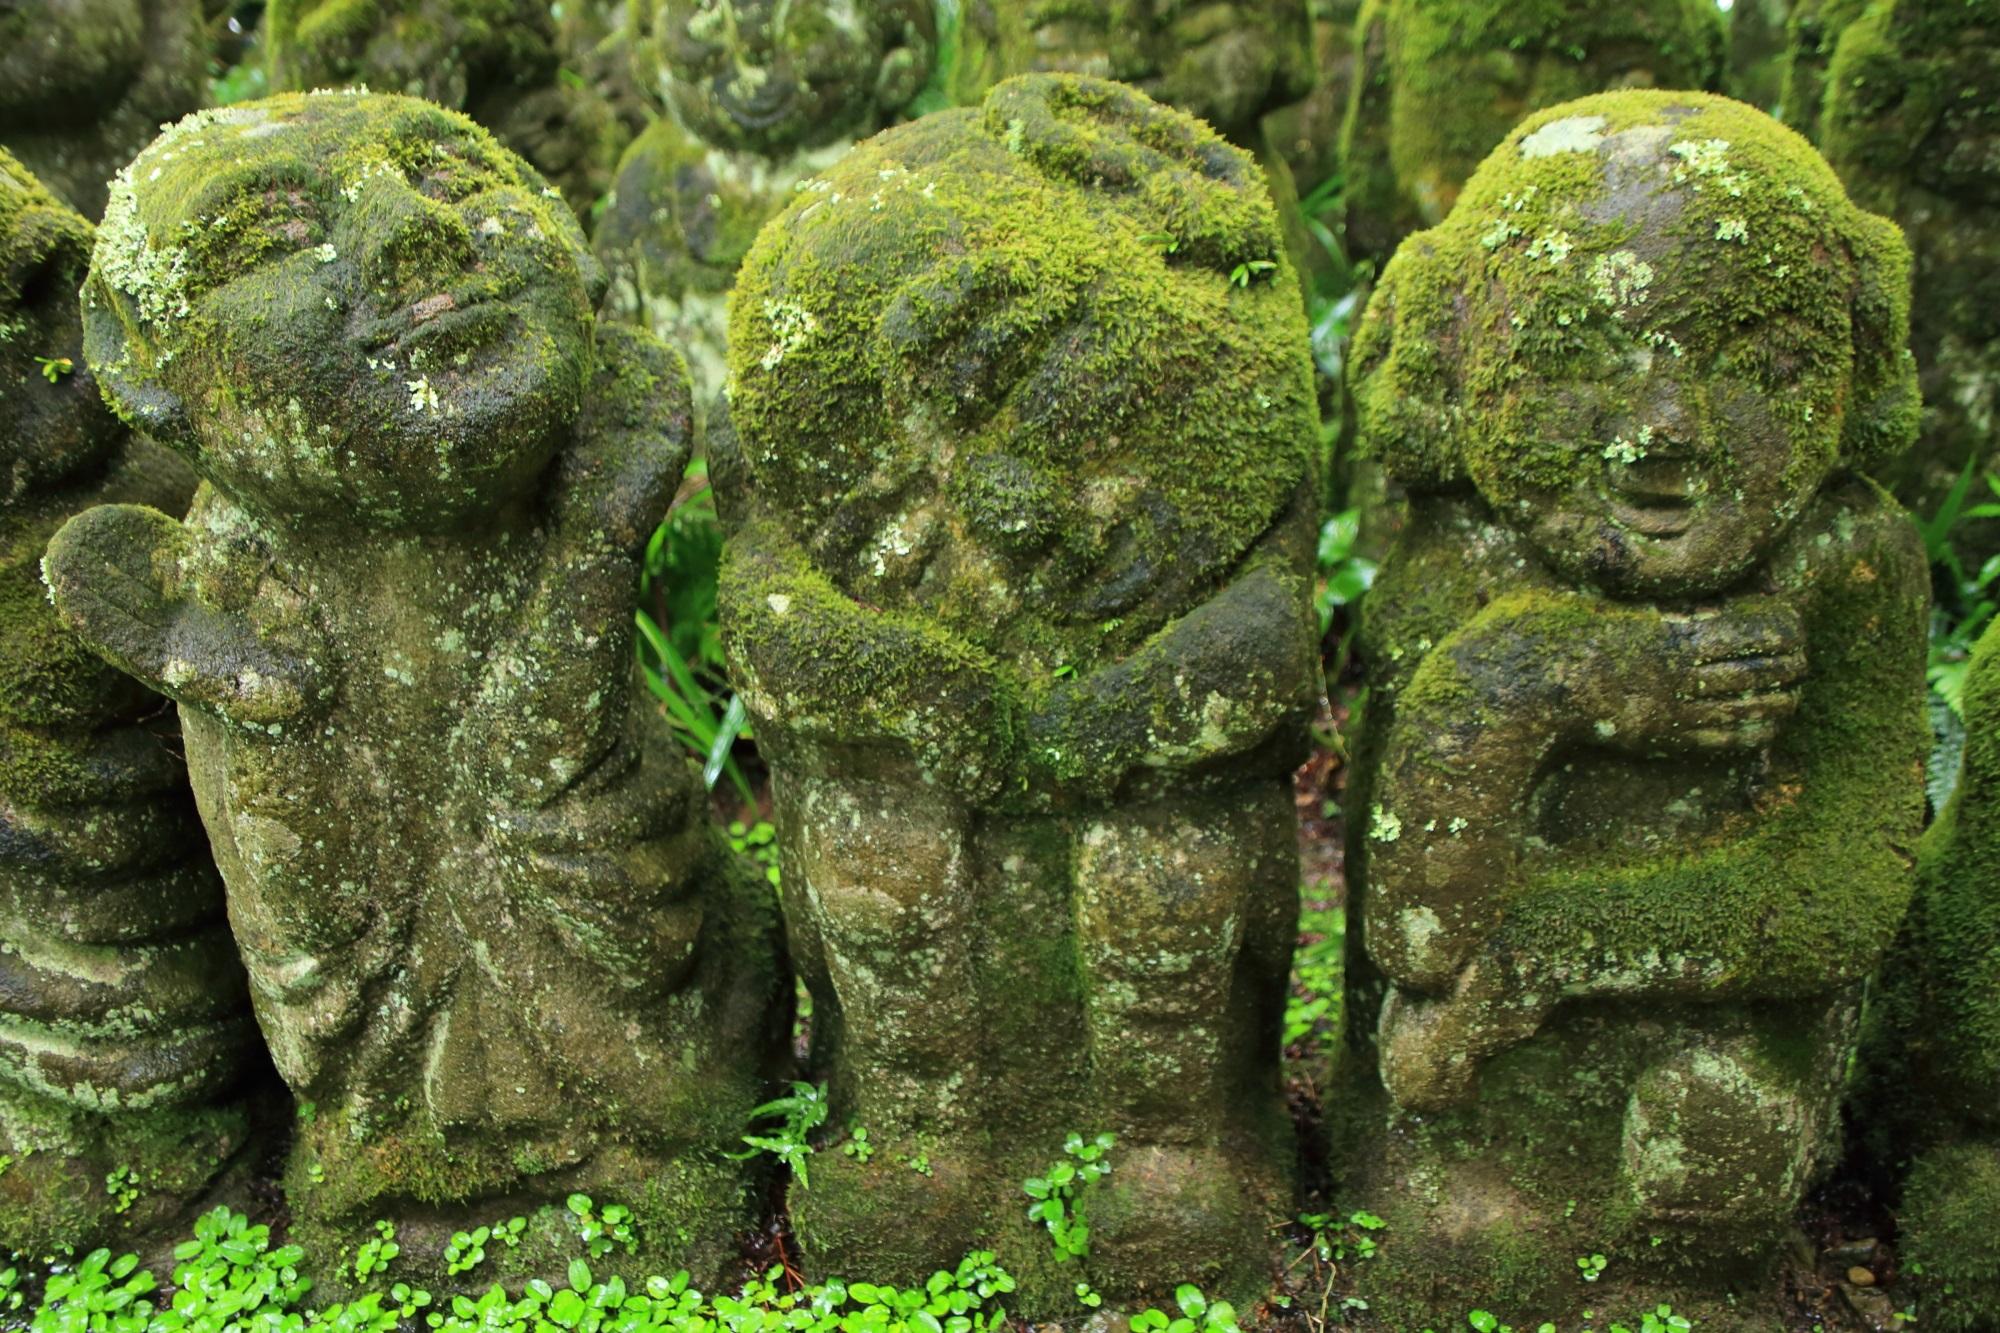 愛宕念仏寺の愛嬌のある千二百羅漢さん